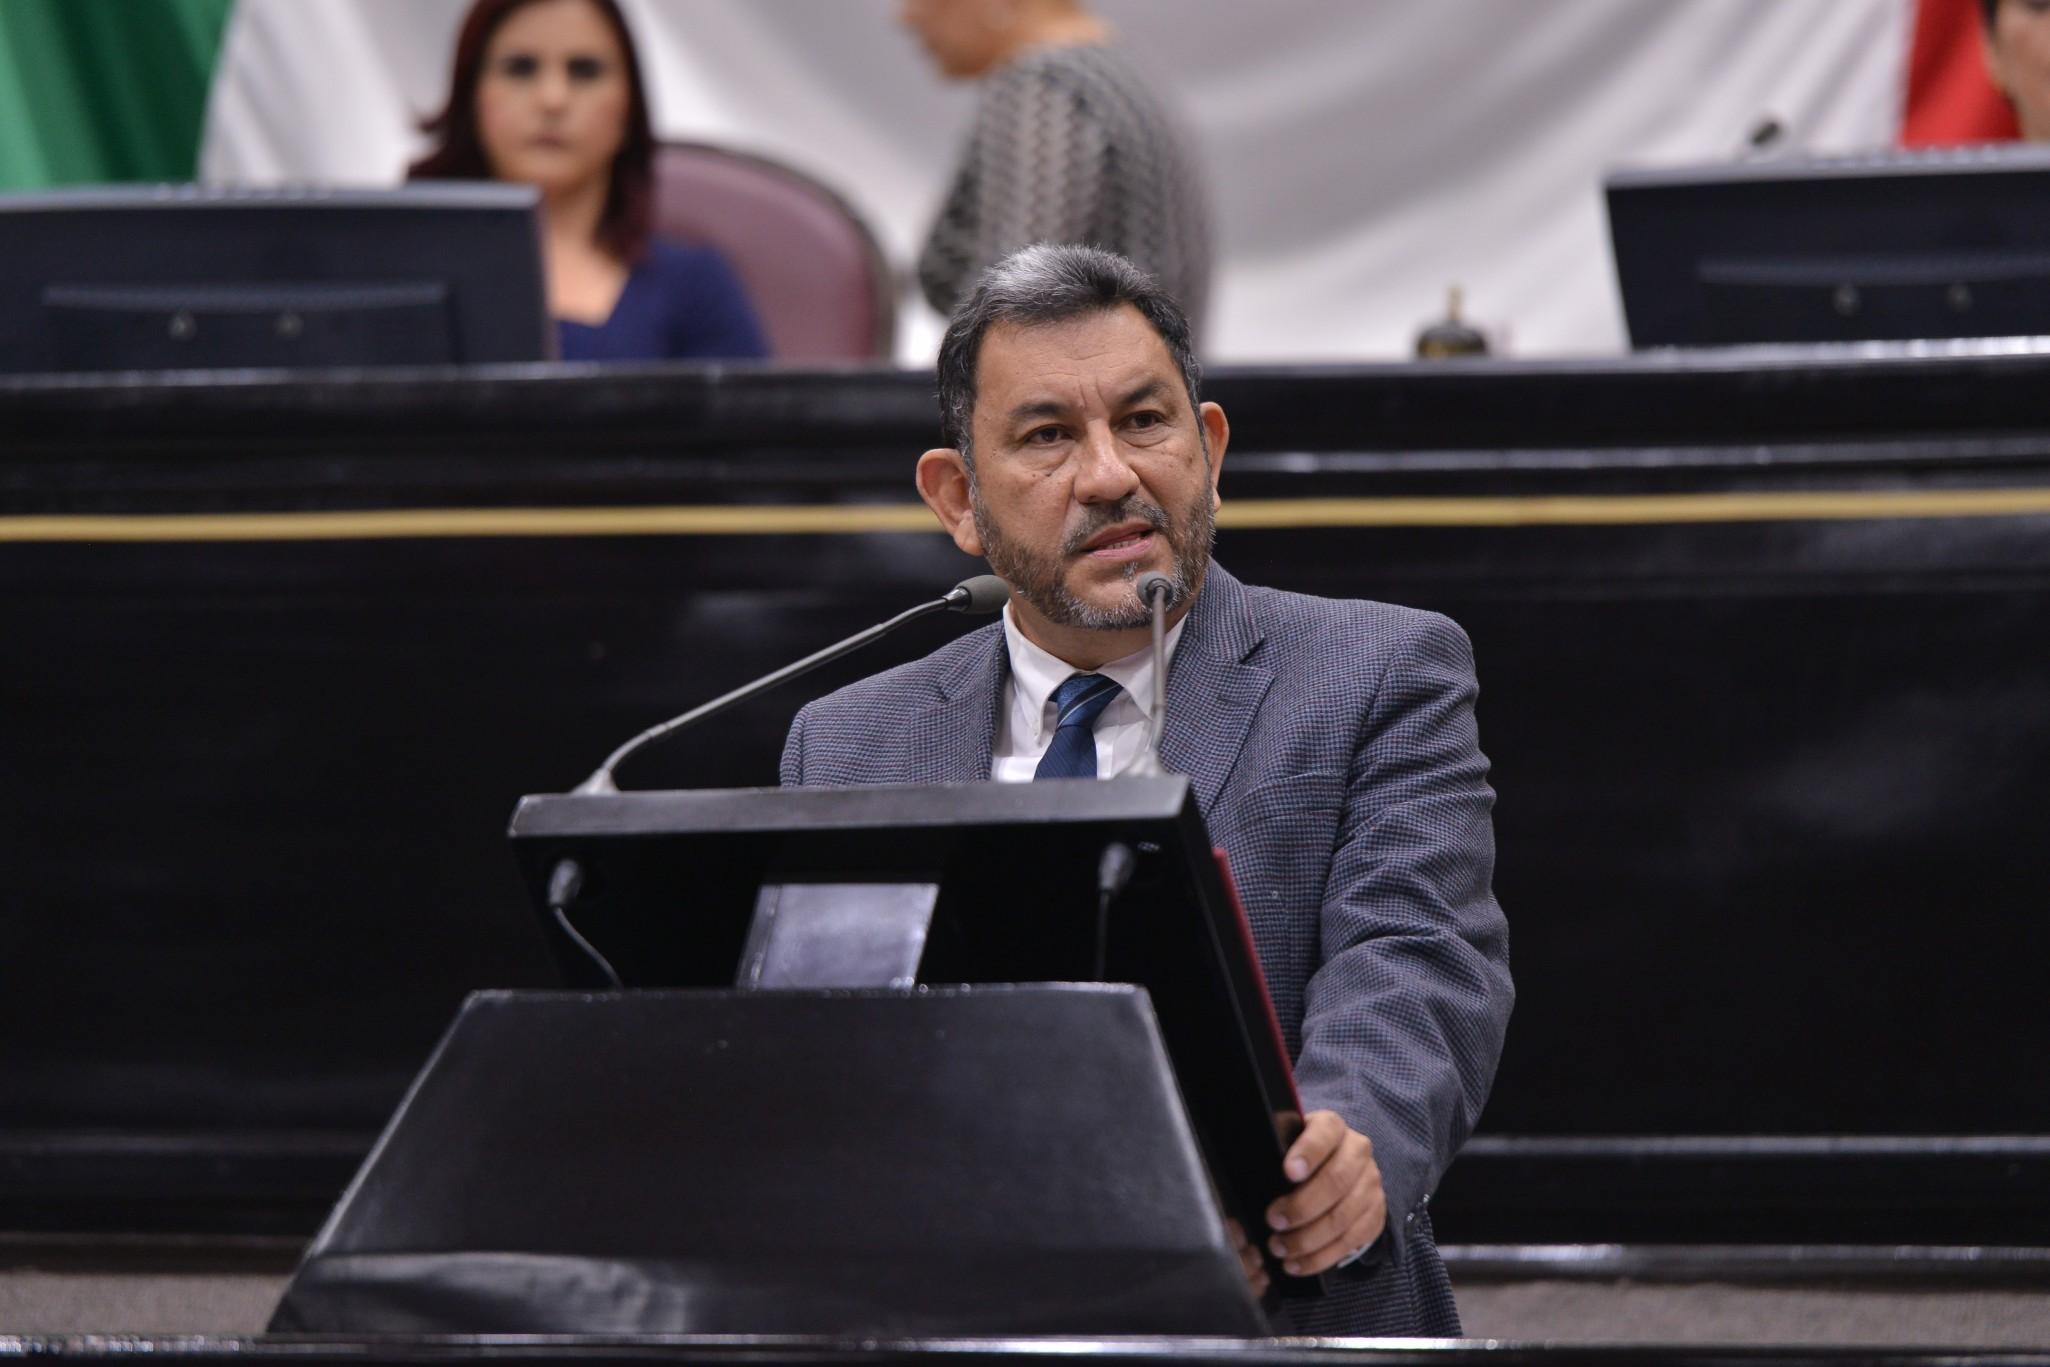 Gobierno estatal, pasmado e impotente ante los problemas actuales: Amado Cruz